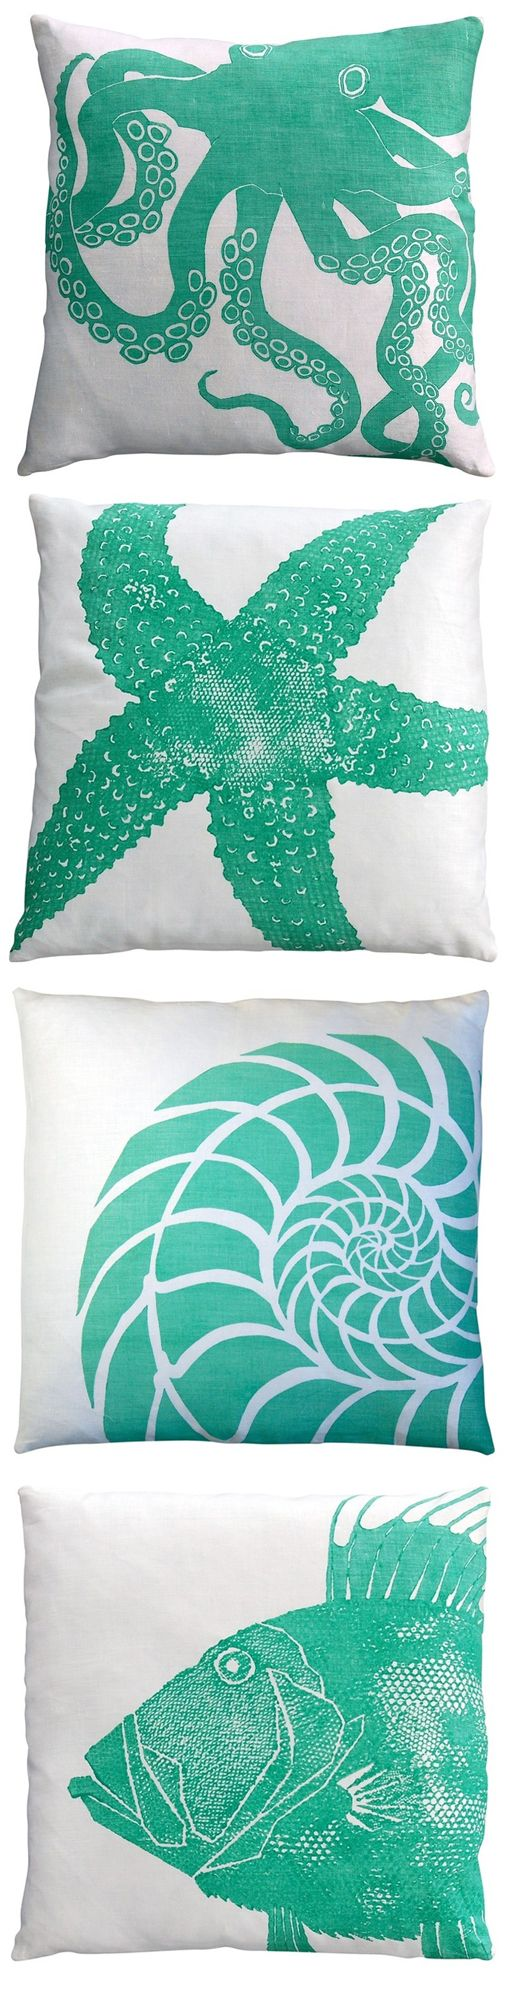 Cute Coastal Pillows by Dermond Peterson